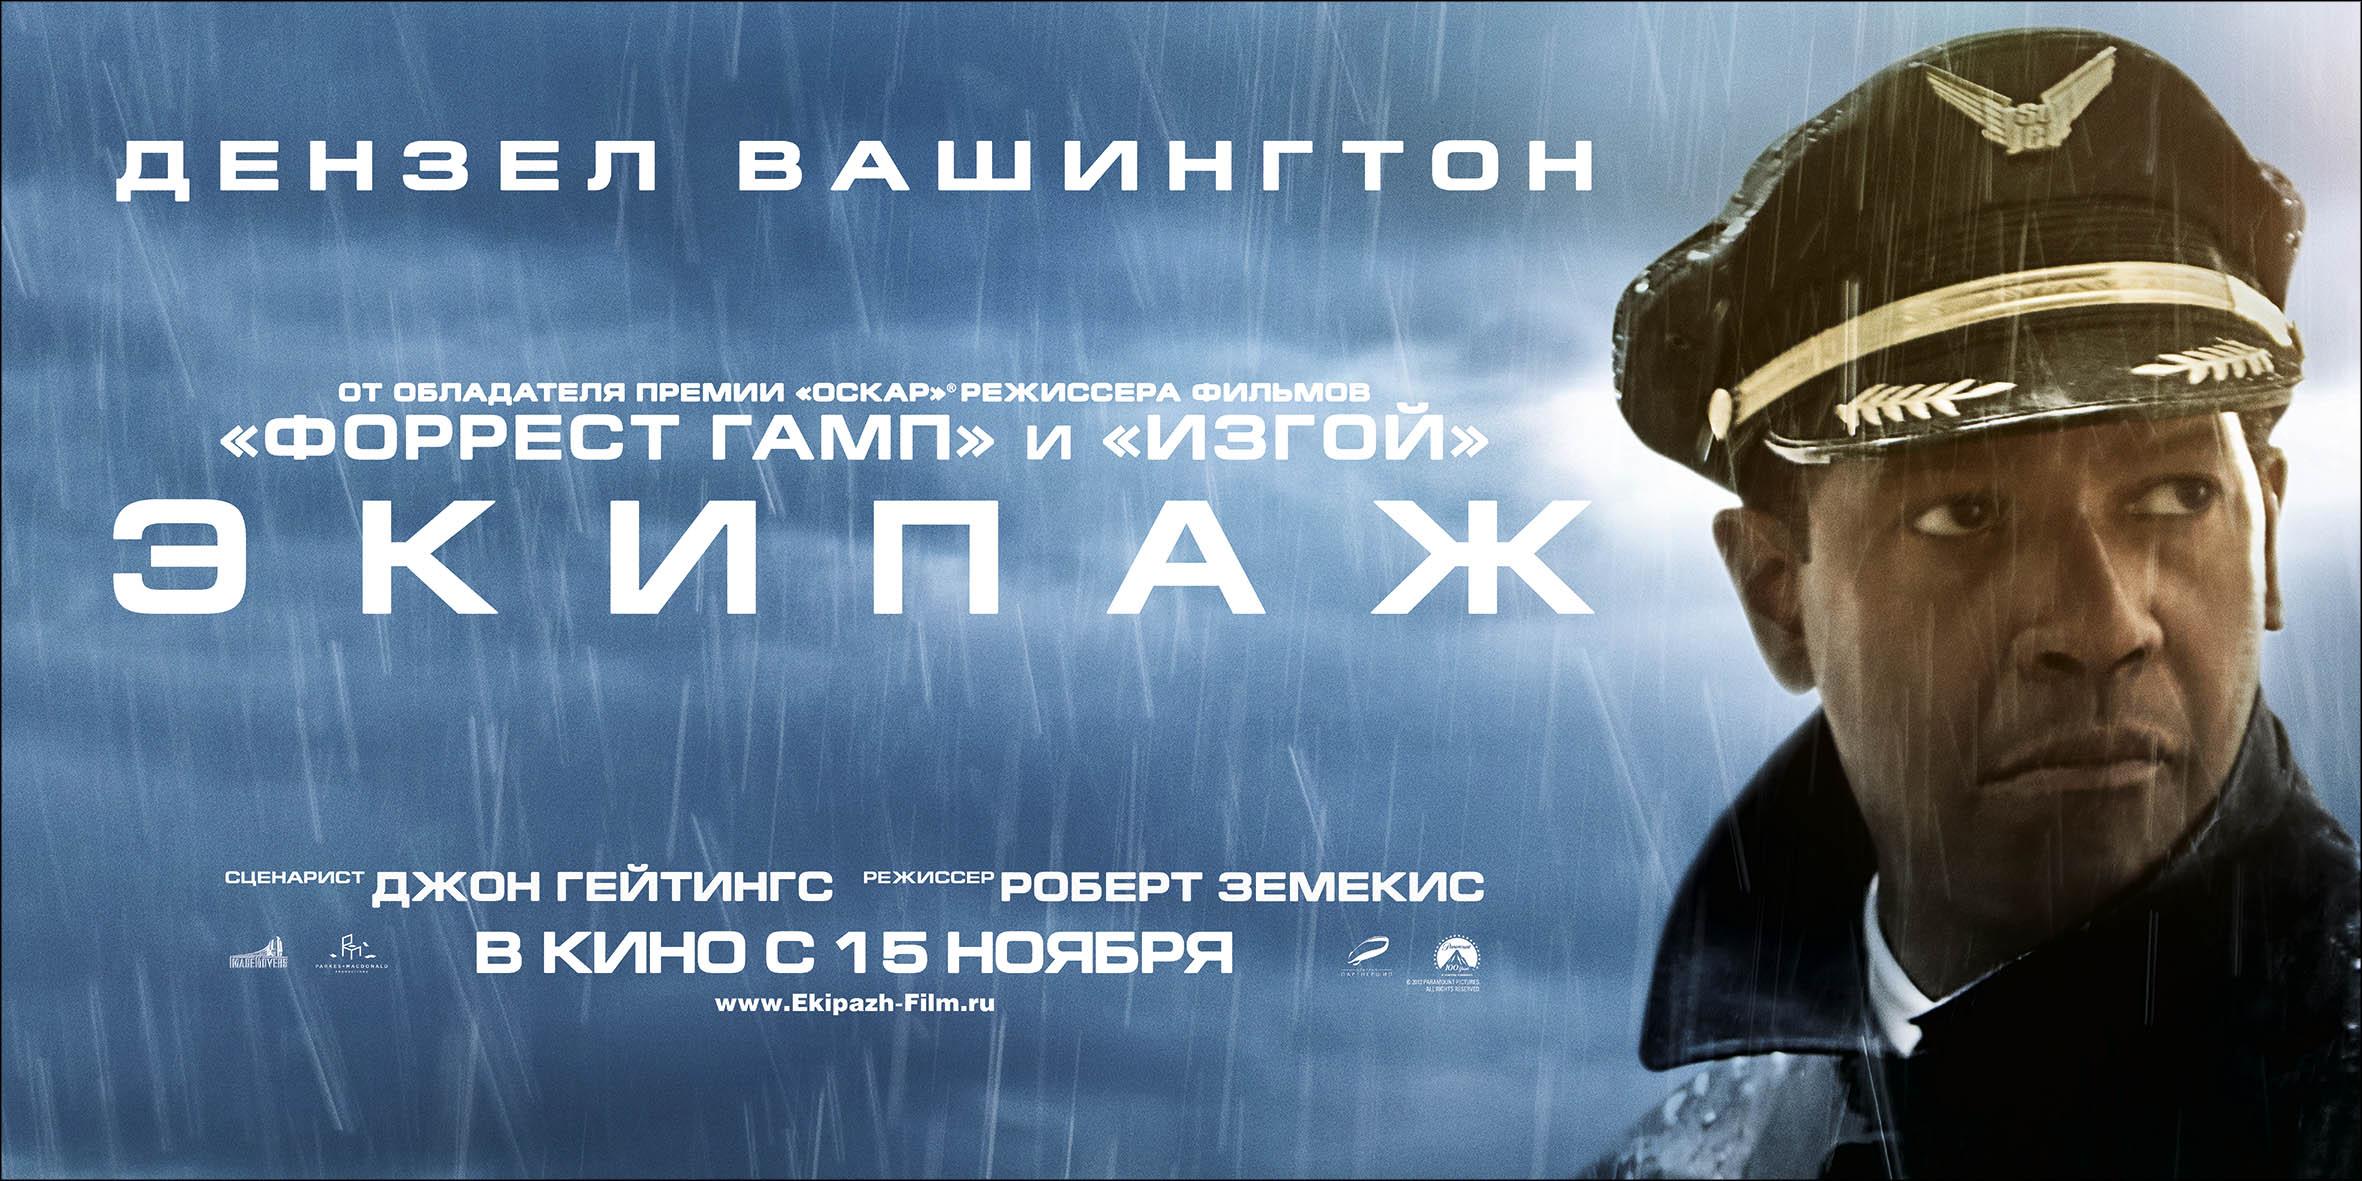 плакат фильма баннер локализованные Экипаж